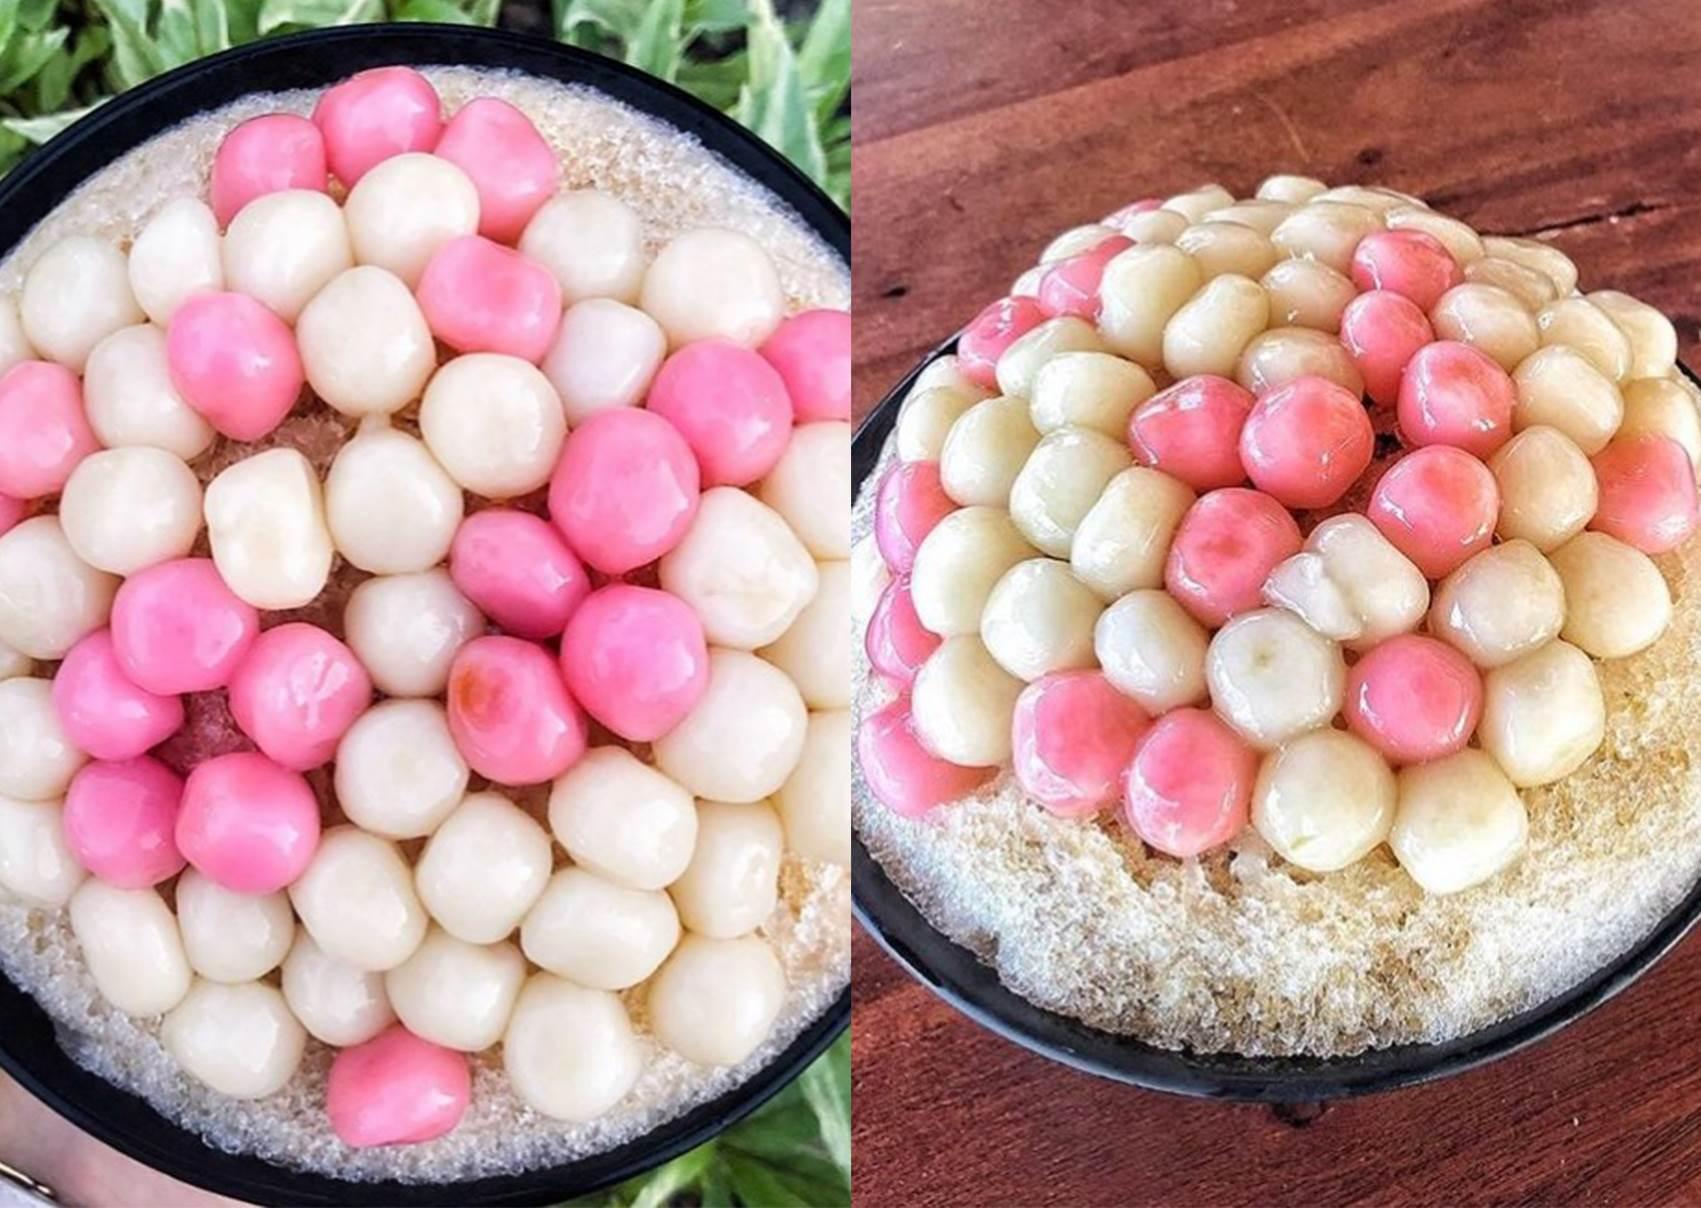 整碗湯圓鋪滿滿!超佛系平價「古早味湯圓冰」,爆料紅白圓讓你吃一碗能省兩餐呀~